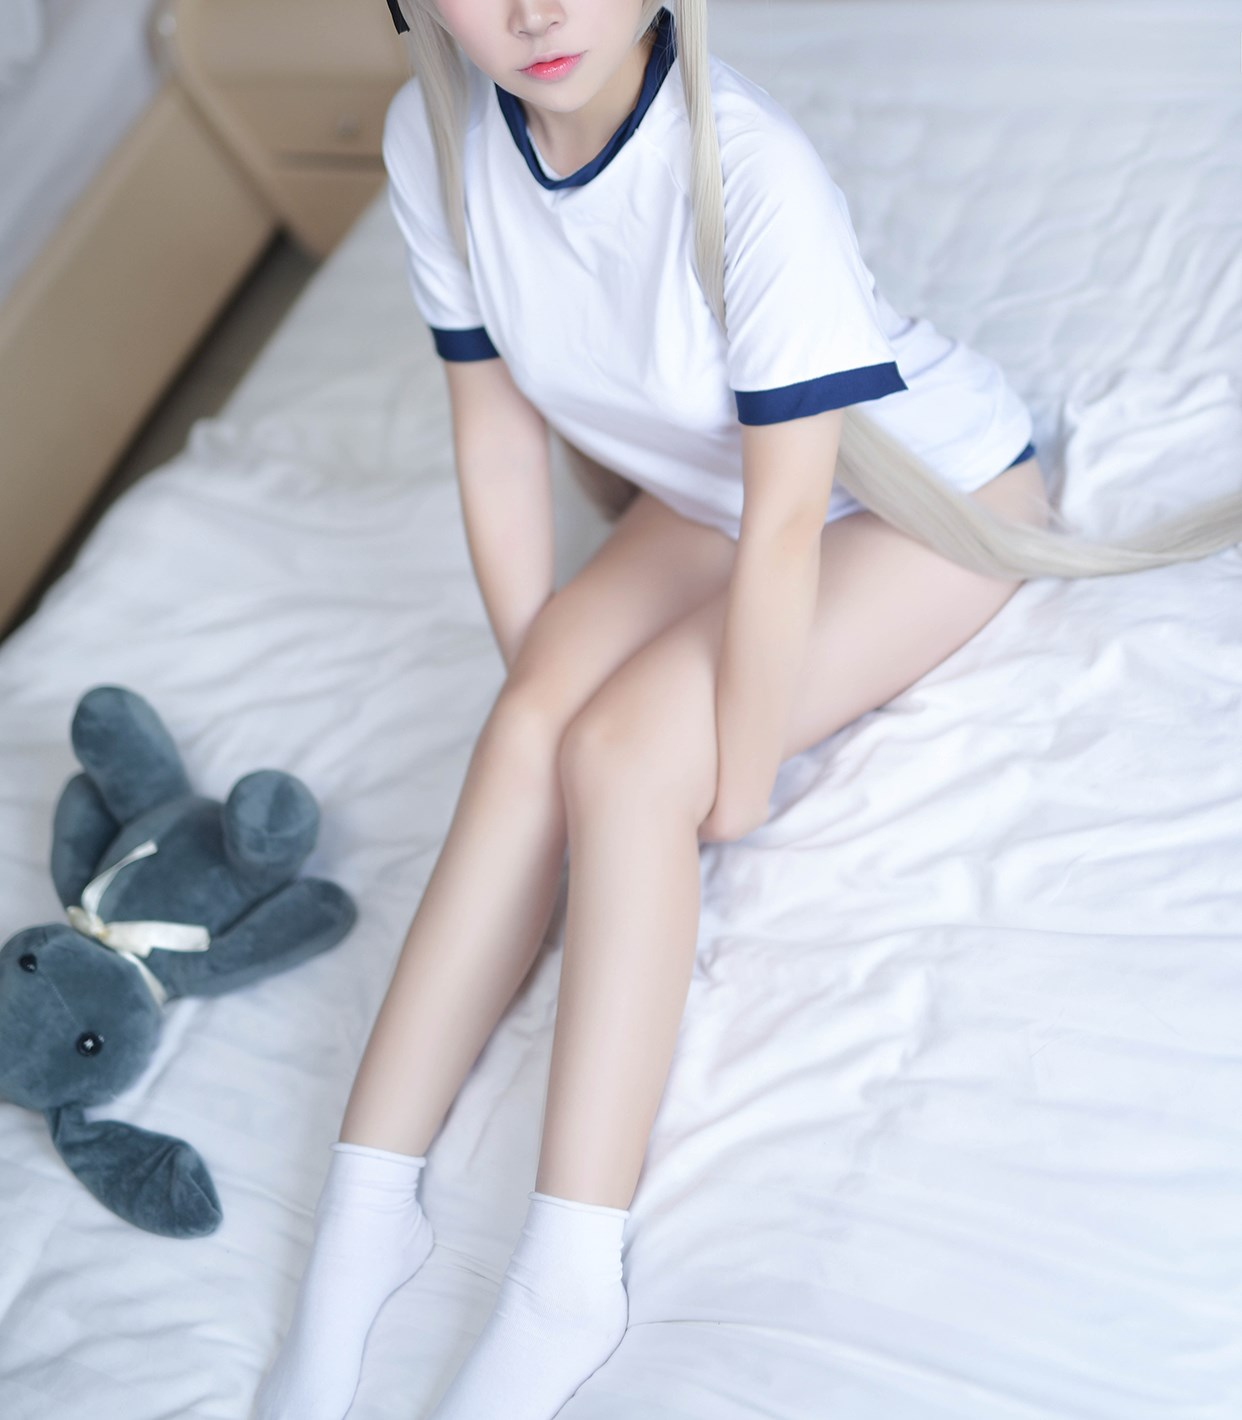 【兔玩映画】体操服穹妹与初音未来 兔玩映画 第11张